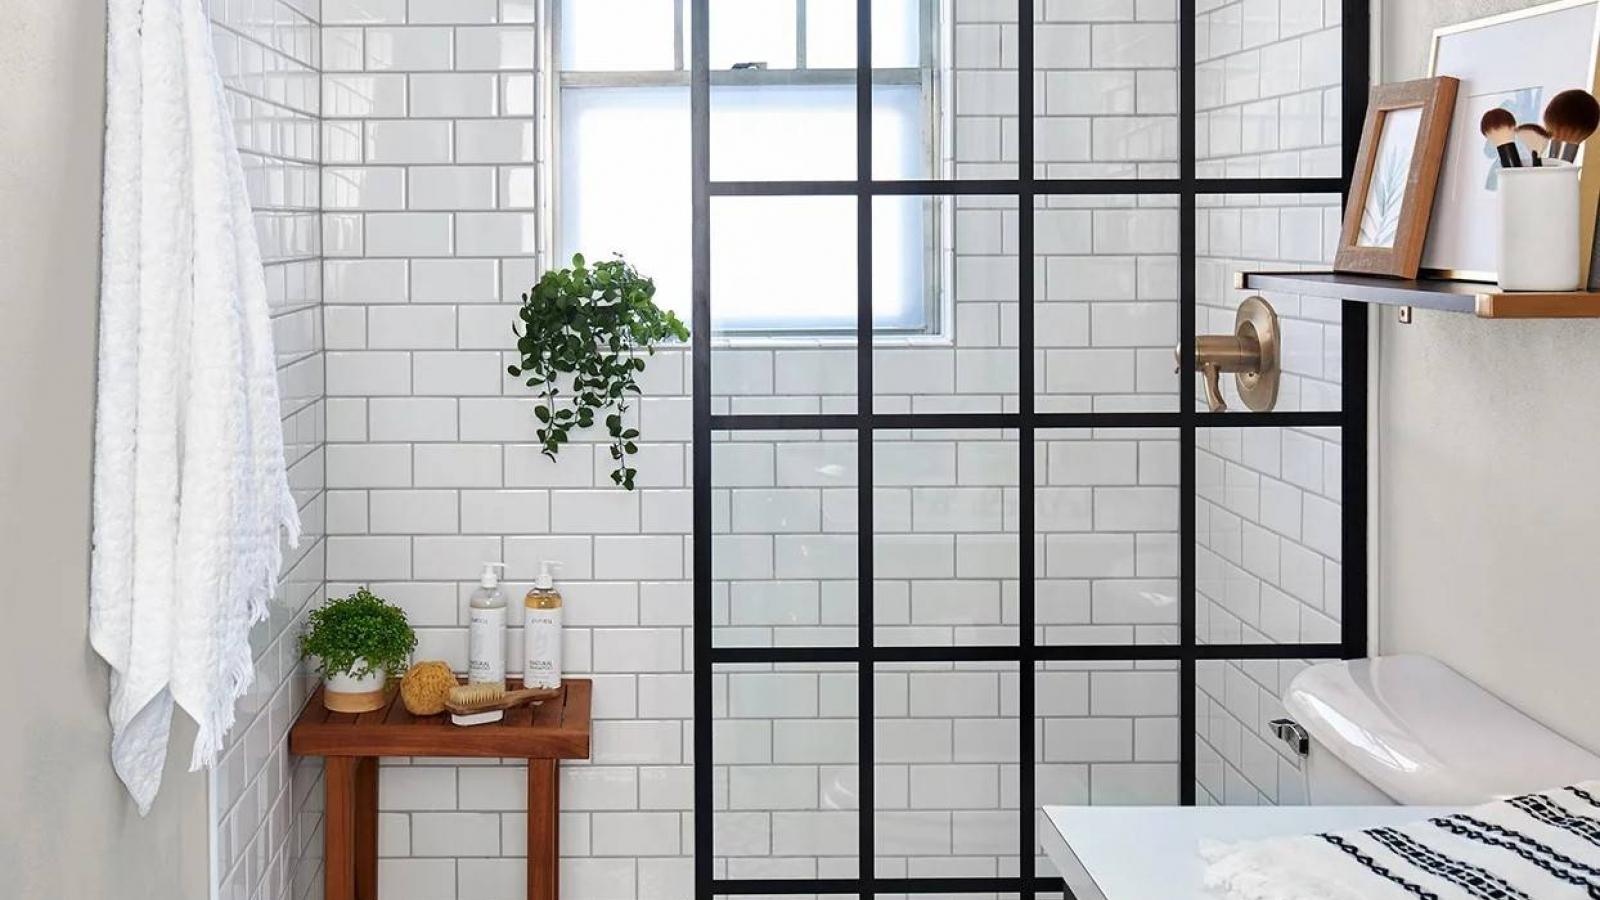 Nâng cấp phòng tắm nhà bạn với ngân sách hạn chế